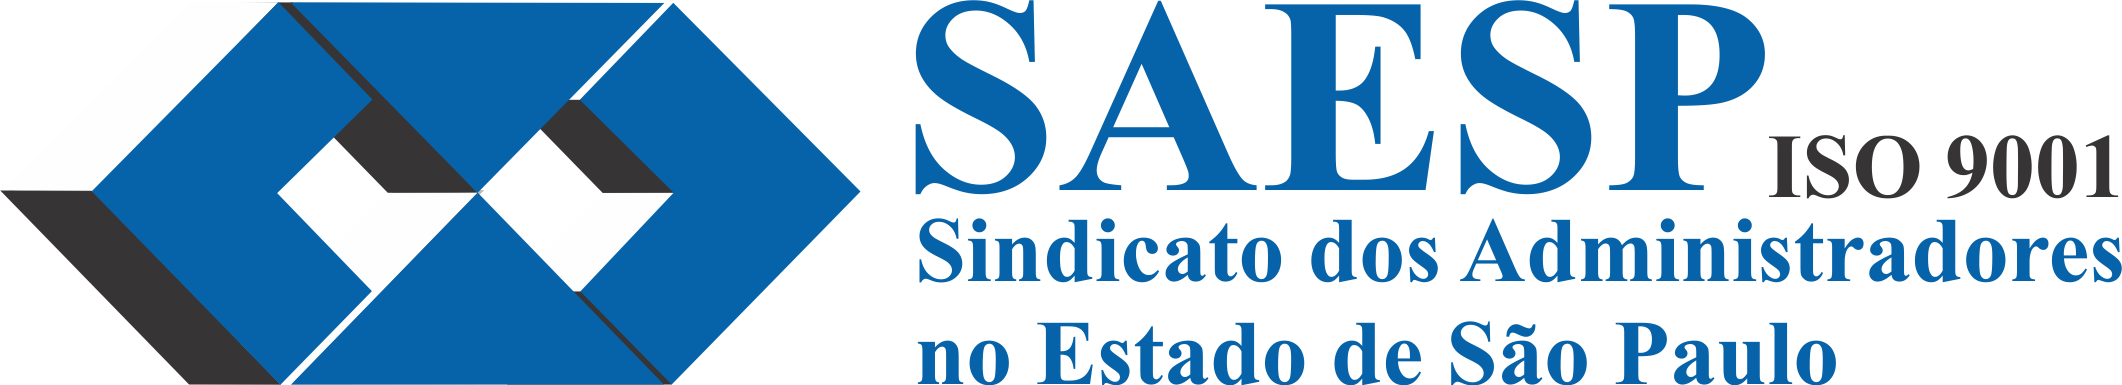 Sindicato dos Administradores no Estado de S?Paulo - SAESP